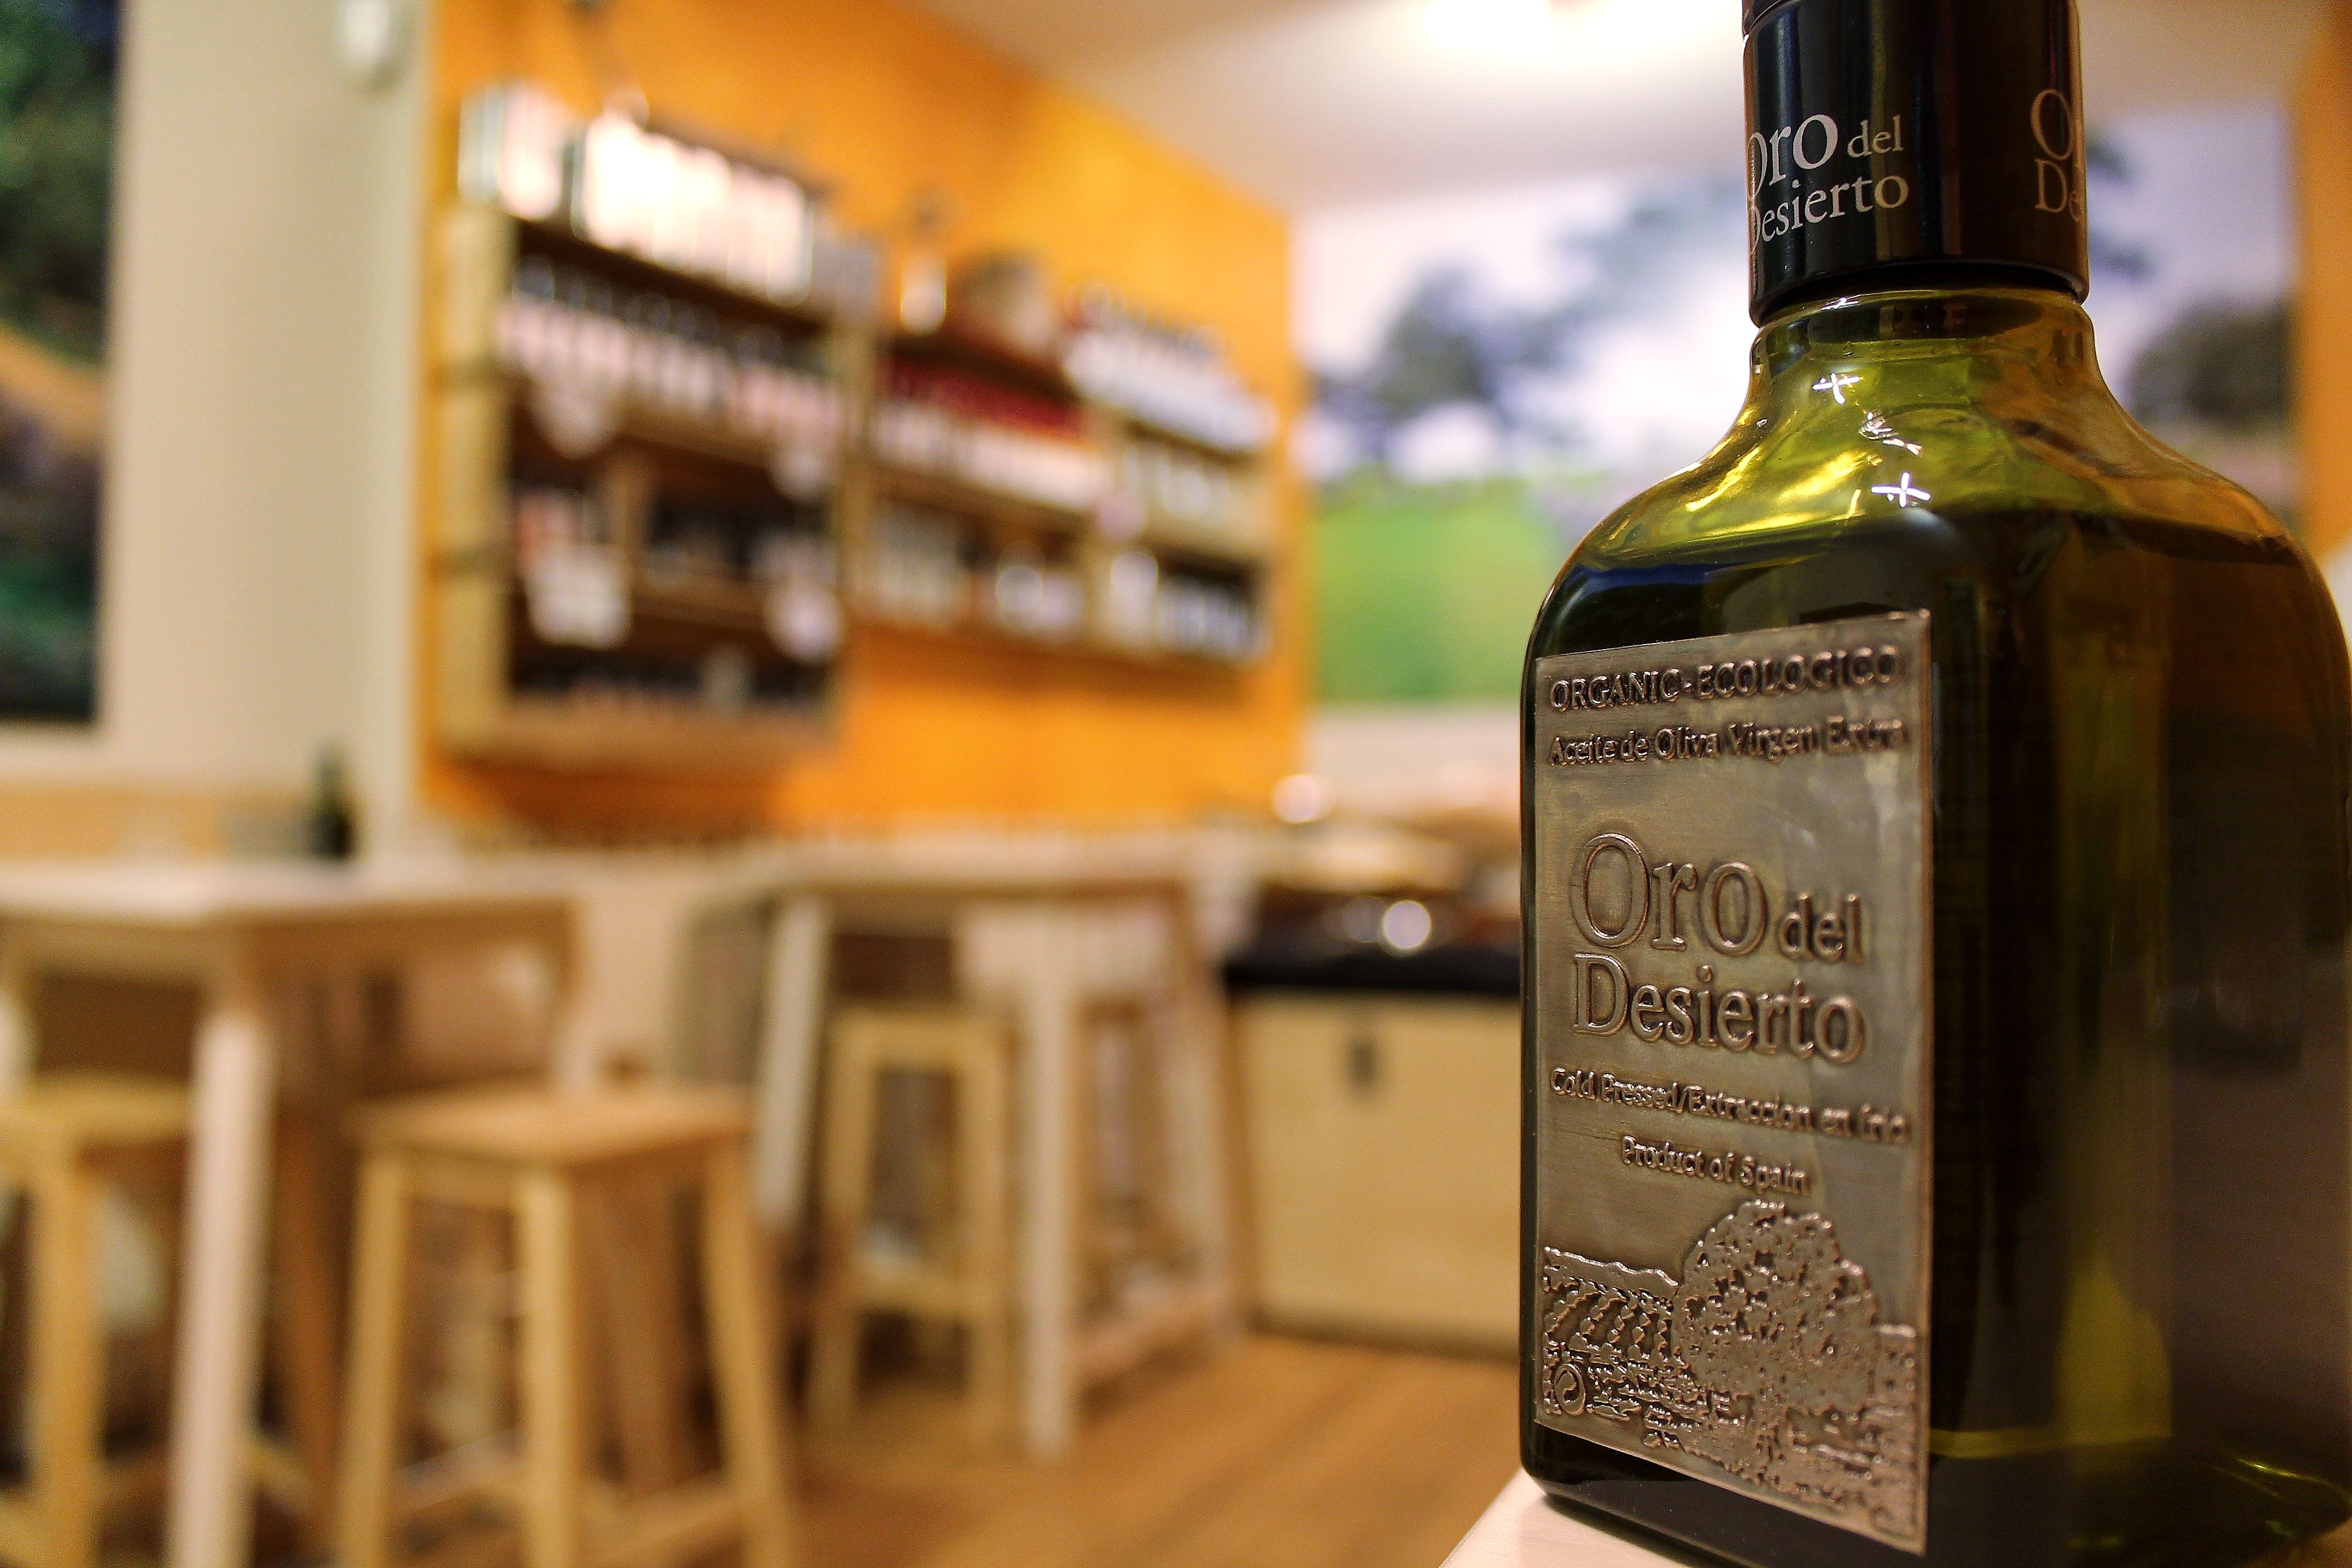 Venta de ibéricos y productos delicatessen en Madrid centro